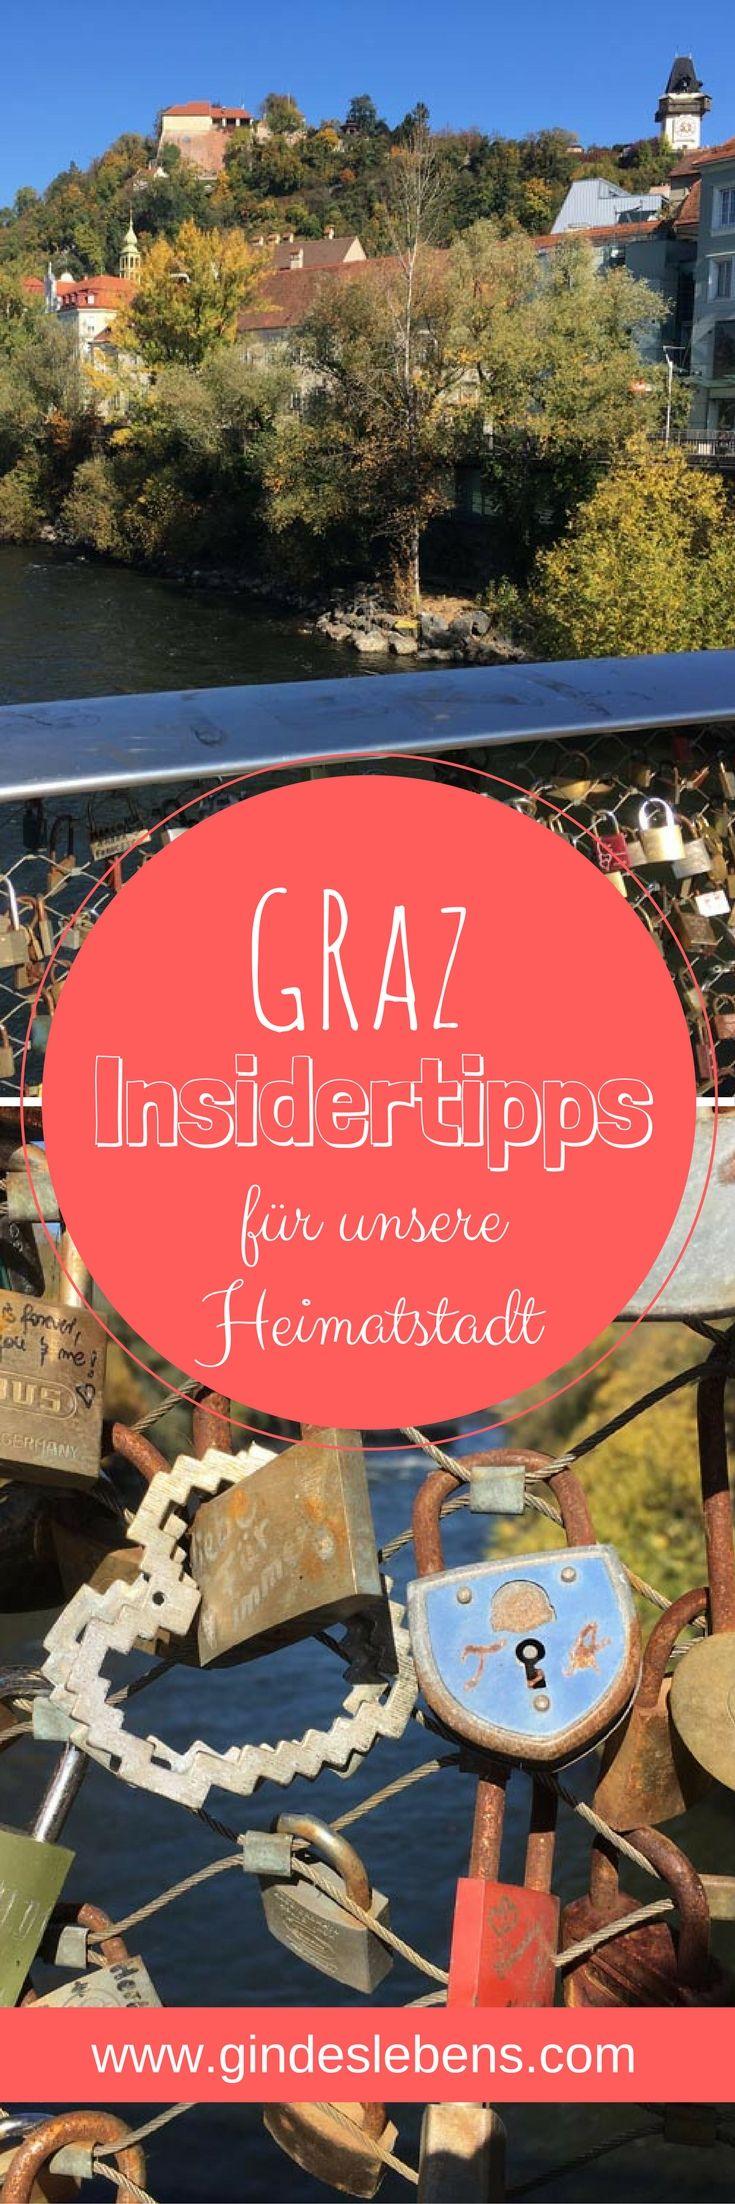 Graz in Österreich - Insidertipps für unsere Heimatstadt in der schönen Steiermark. Kennt ihr Graz in der Steiermark? Graz ist unsere Heimatstadt. Wir stellen euch die Landeshauptstadt vor und verraten auch ein paar Insidertipps! www.gindeslebens.com #Graz #Österreich #Steiermark #Insidertipps